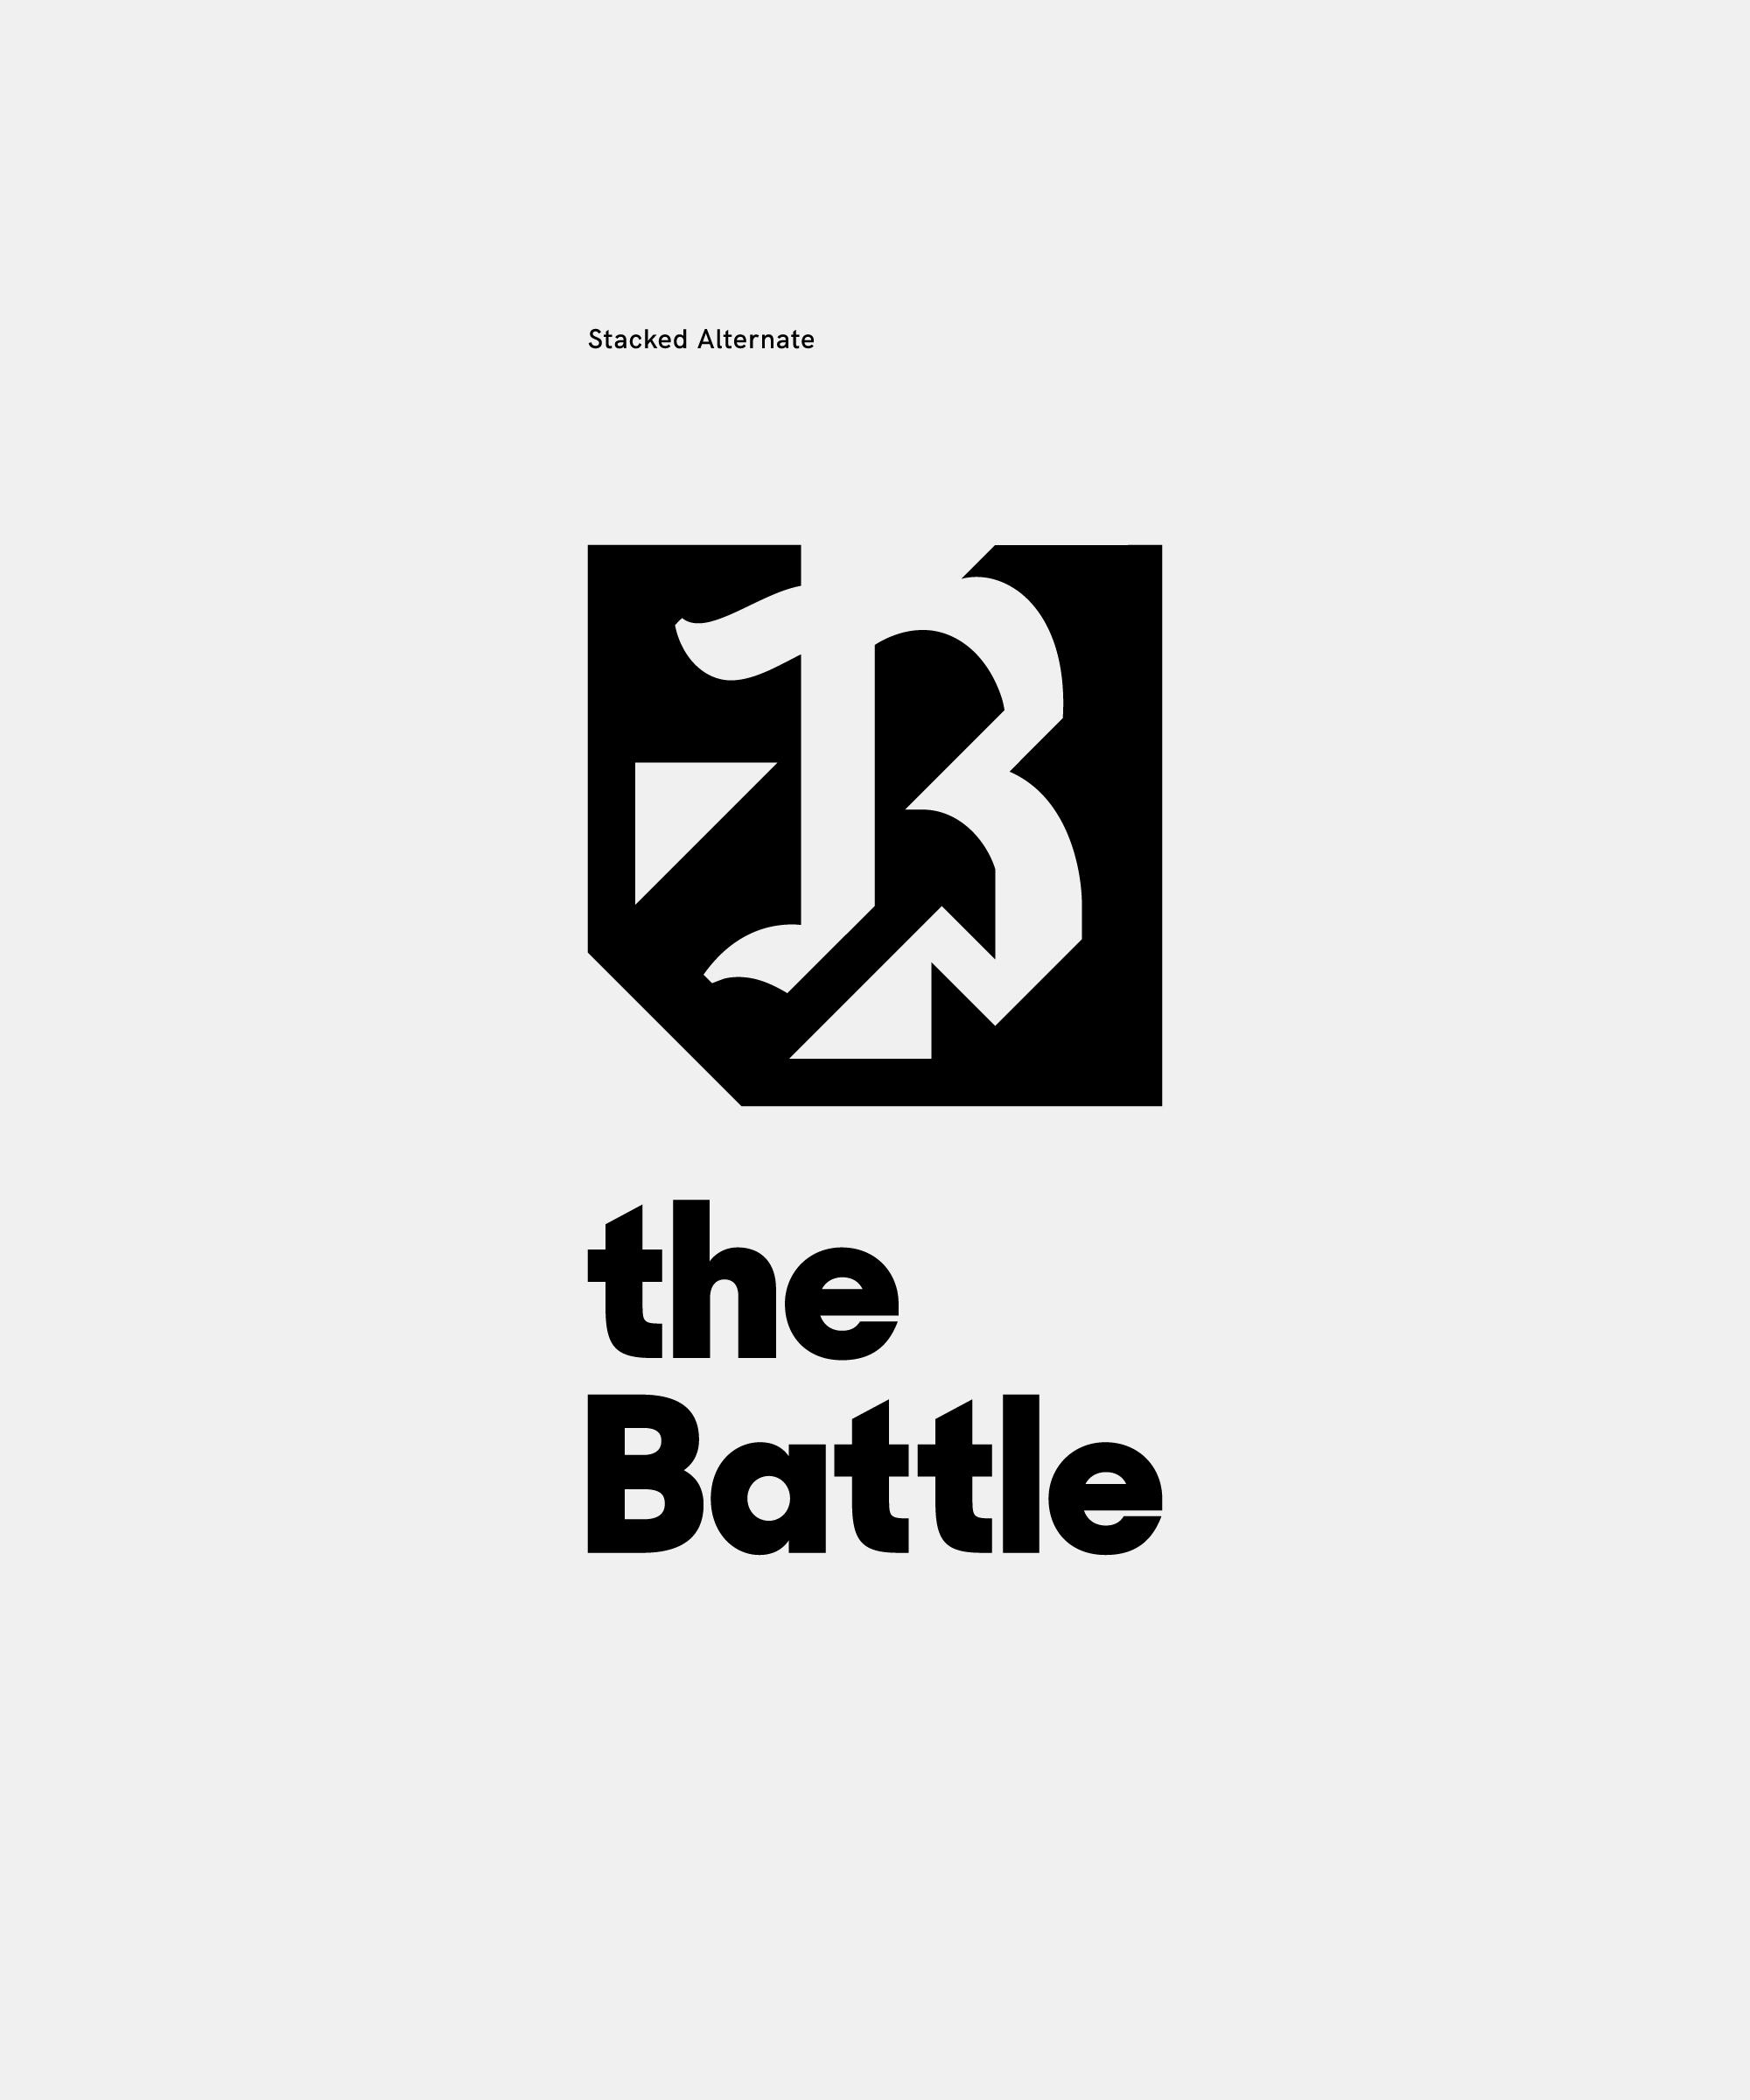 The_Battle_Web_Assets_01Asset 34.jpg